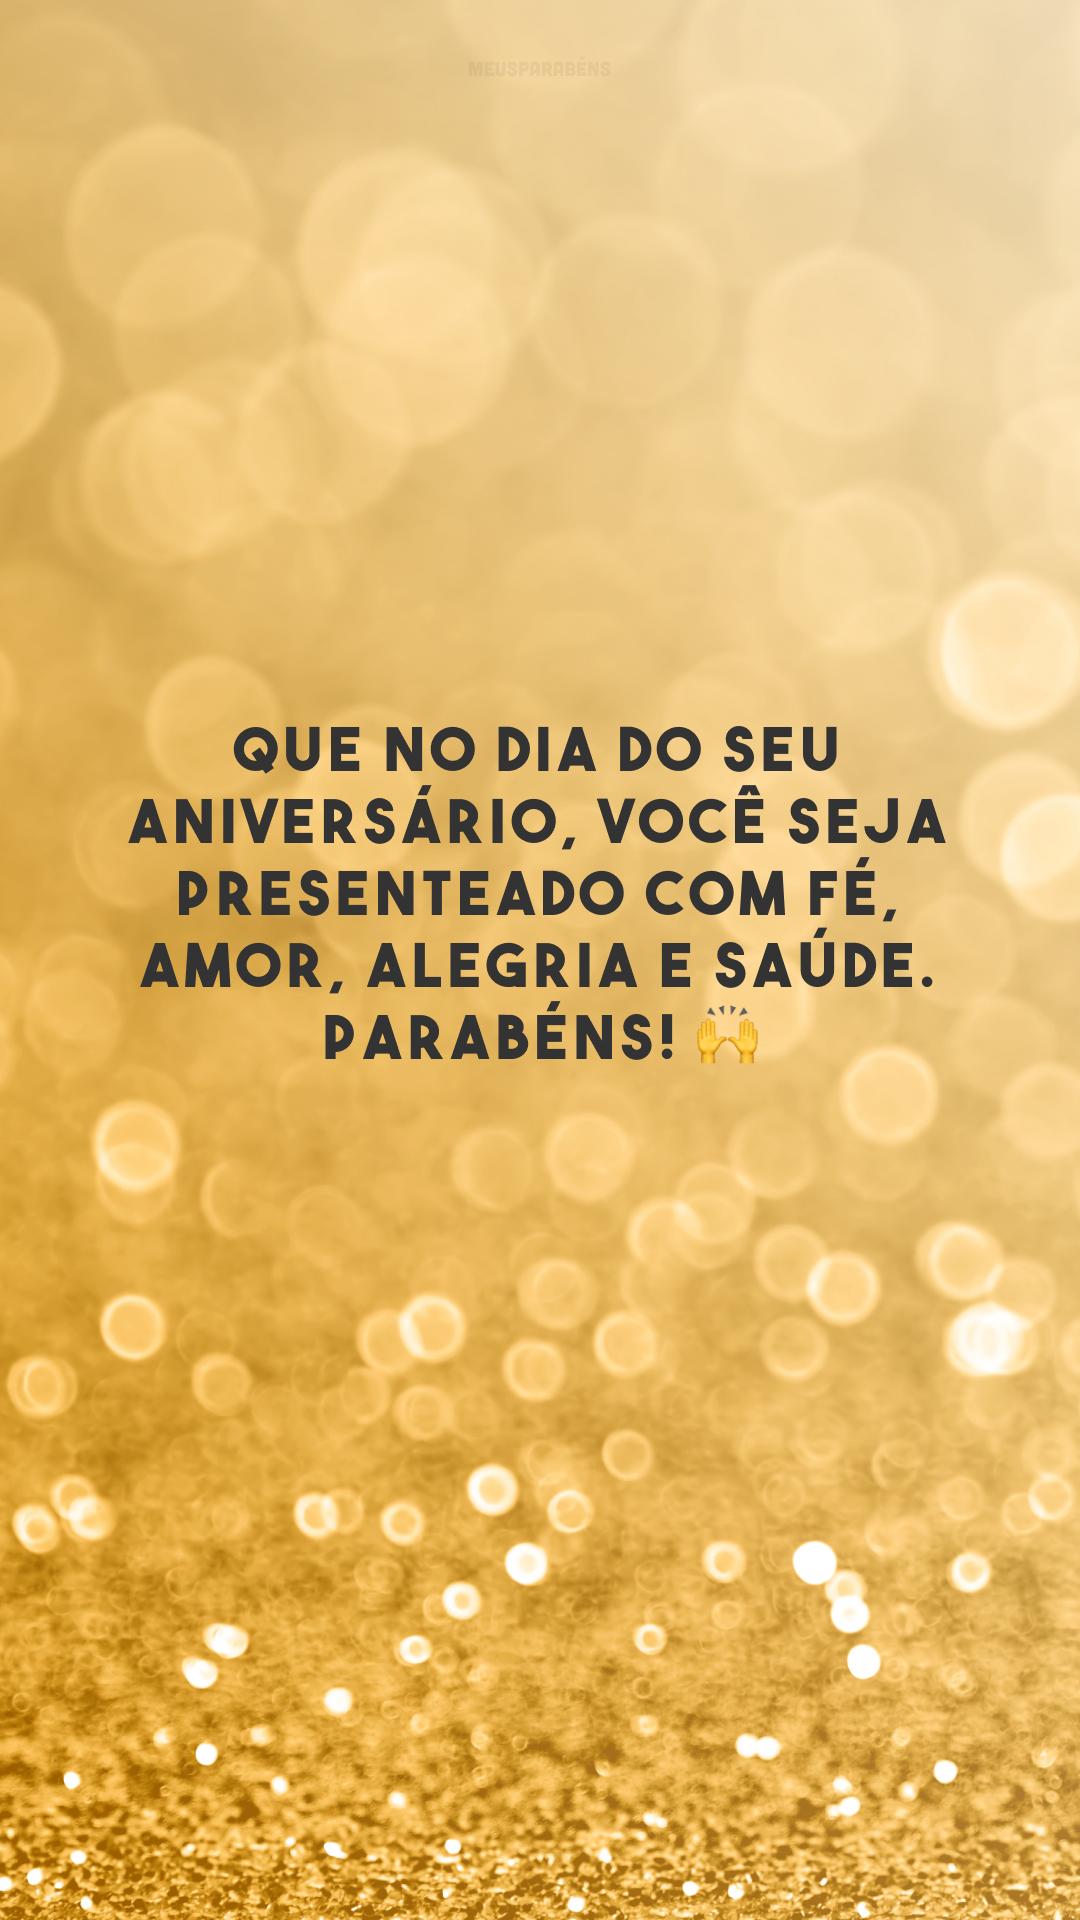 Que no dia do seu aniversário, você seja presenteado com fé, amor, alegria e saúde. Parabéns! 🙌